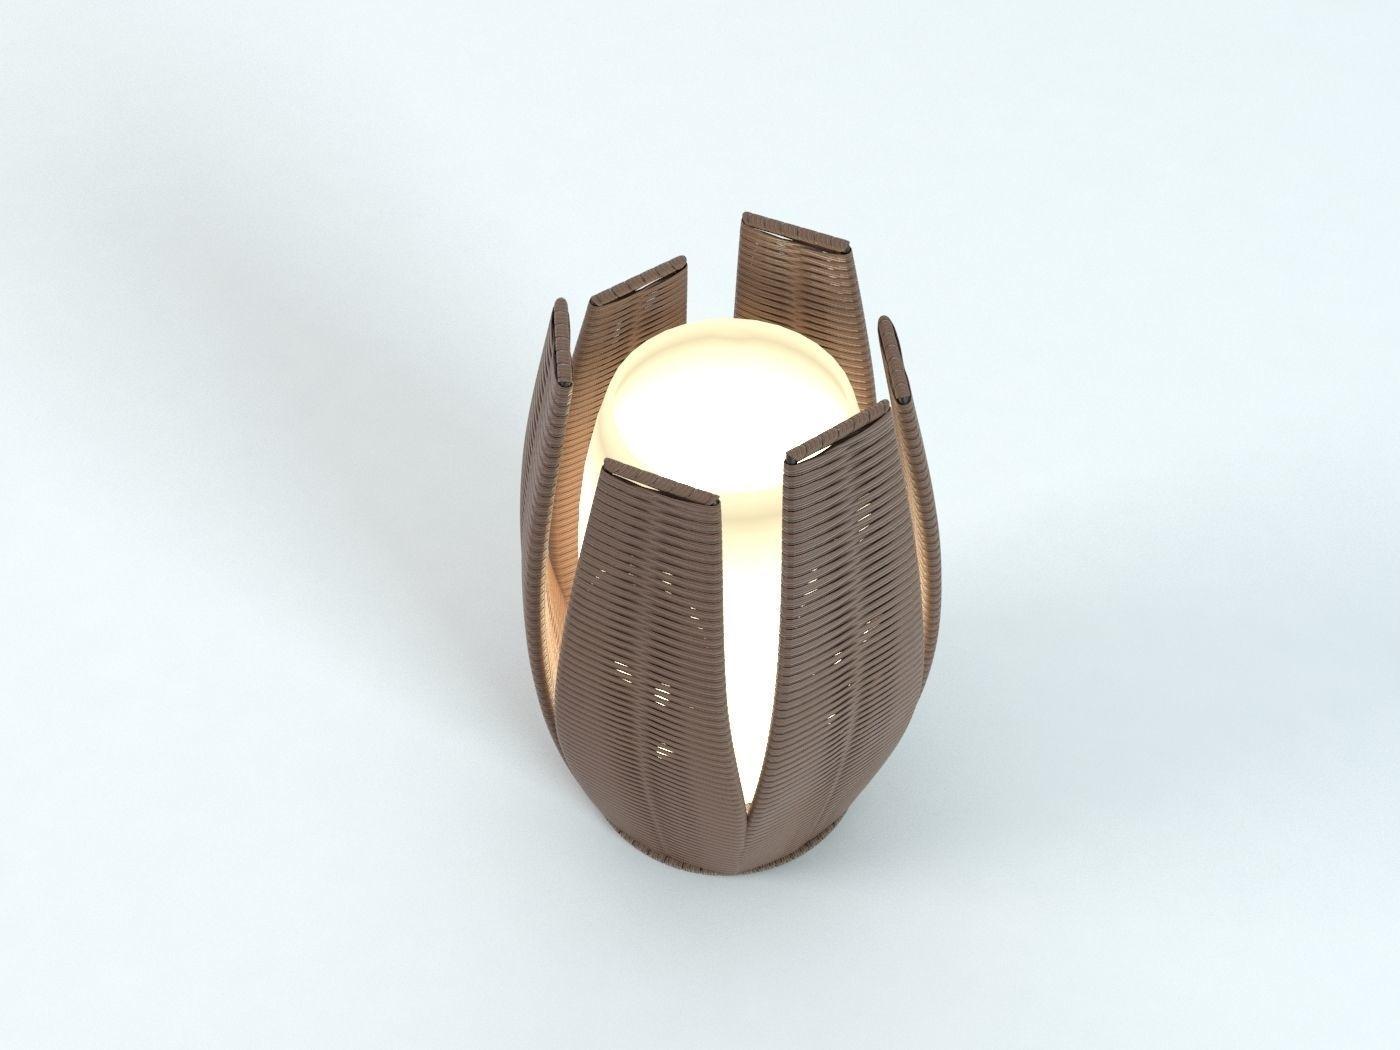 Plafoniere Neon Leroy Merlin : Leroy merlin eglo luminaire neon new luminaires